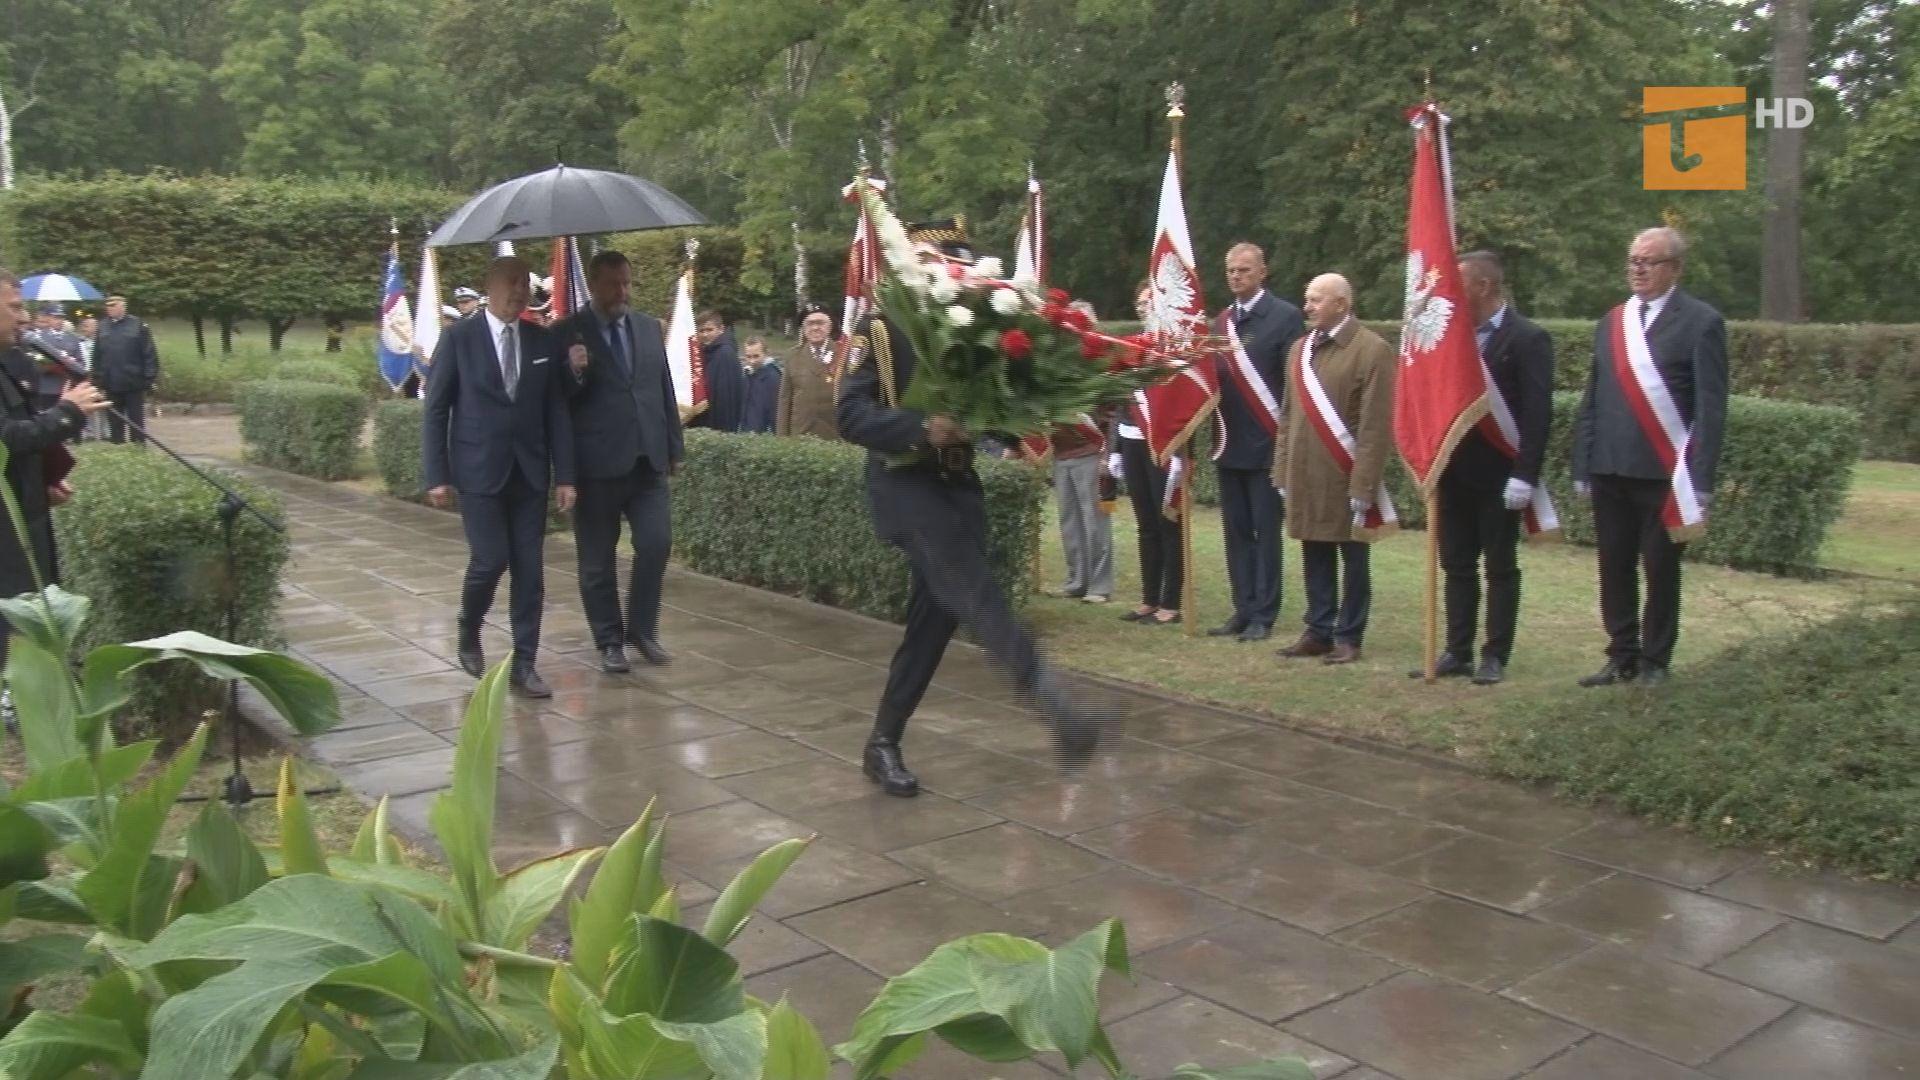 Tczewianie pamiętali o zbrojnej agresji wojsk radzieckich na Polskę